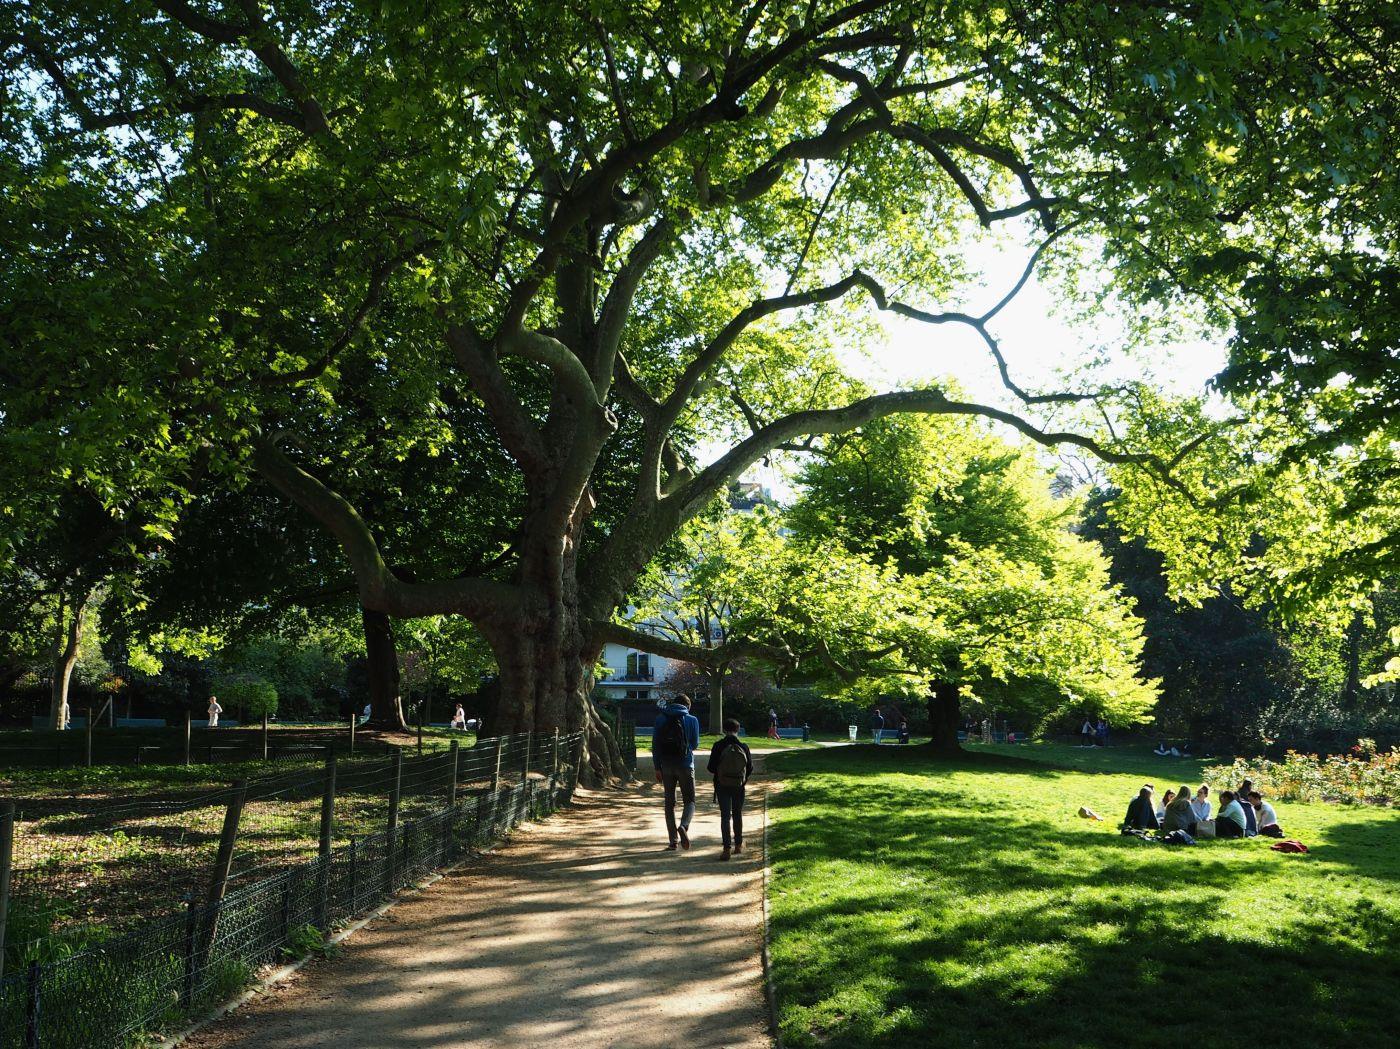 parc monceau platane remarquable